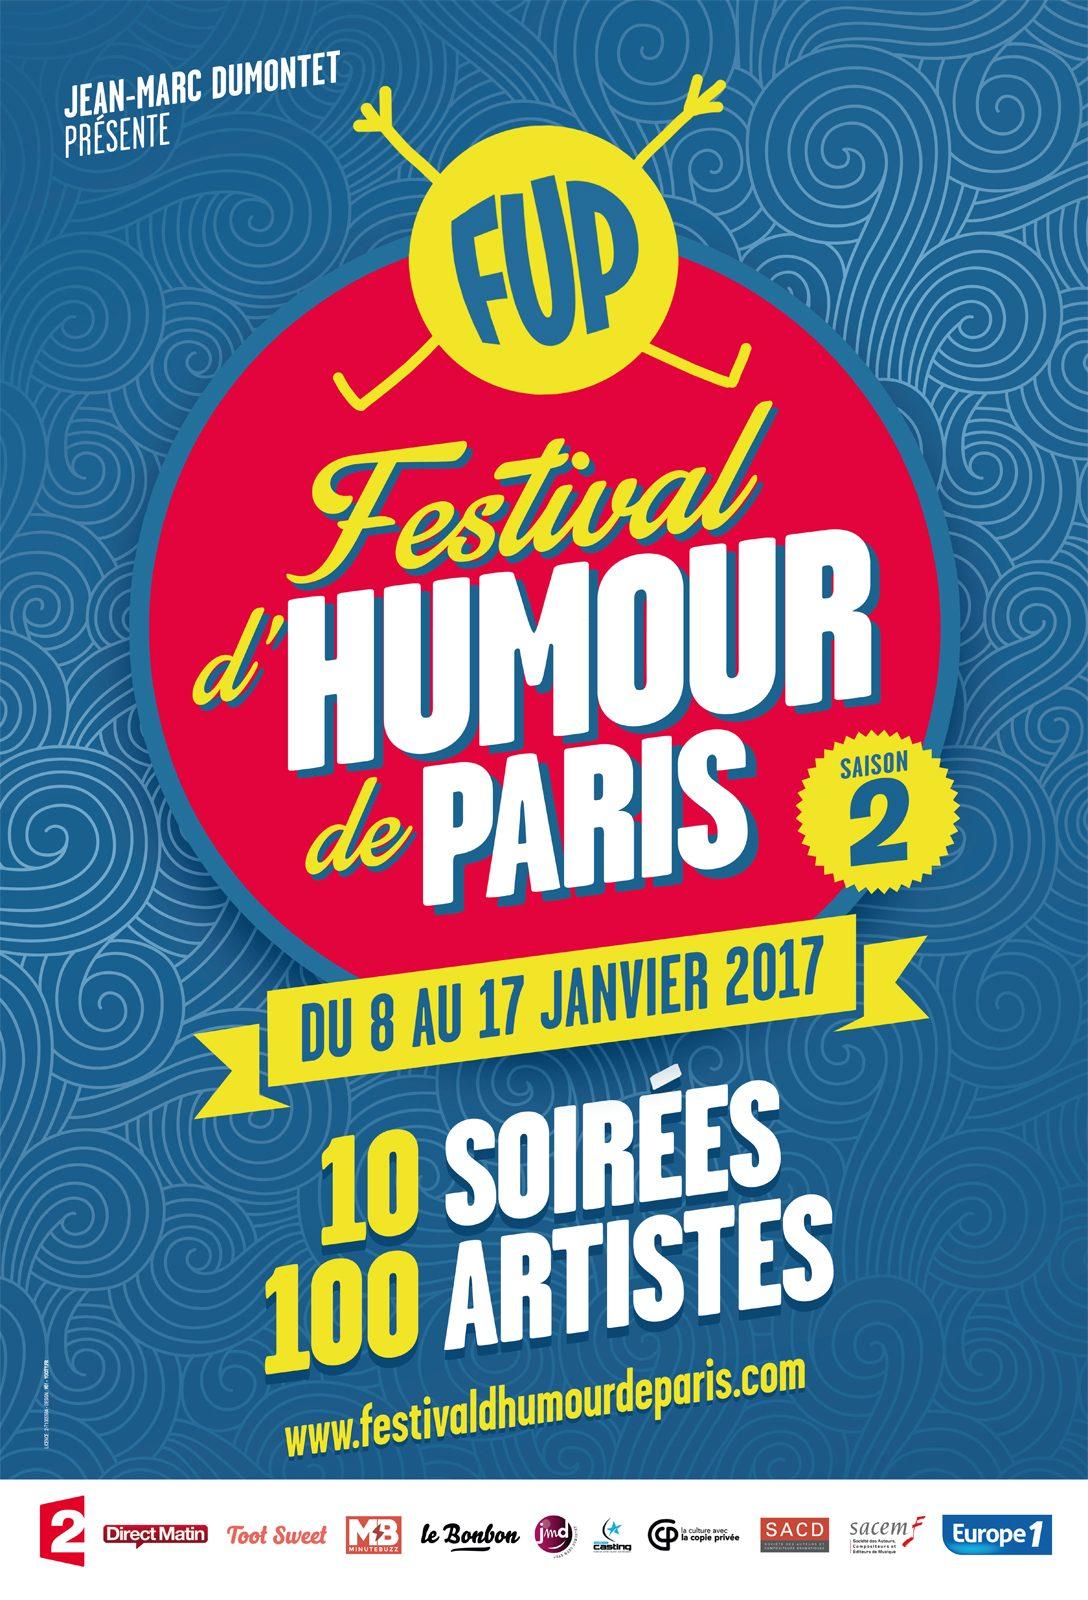 festival-d-humour-de-paris-du-8-au-17-janvier-2017-jean-marc-dumontet-affiche